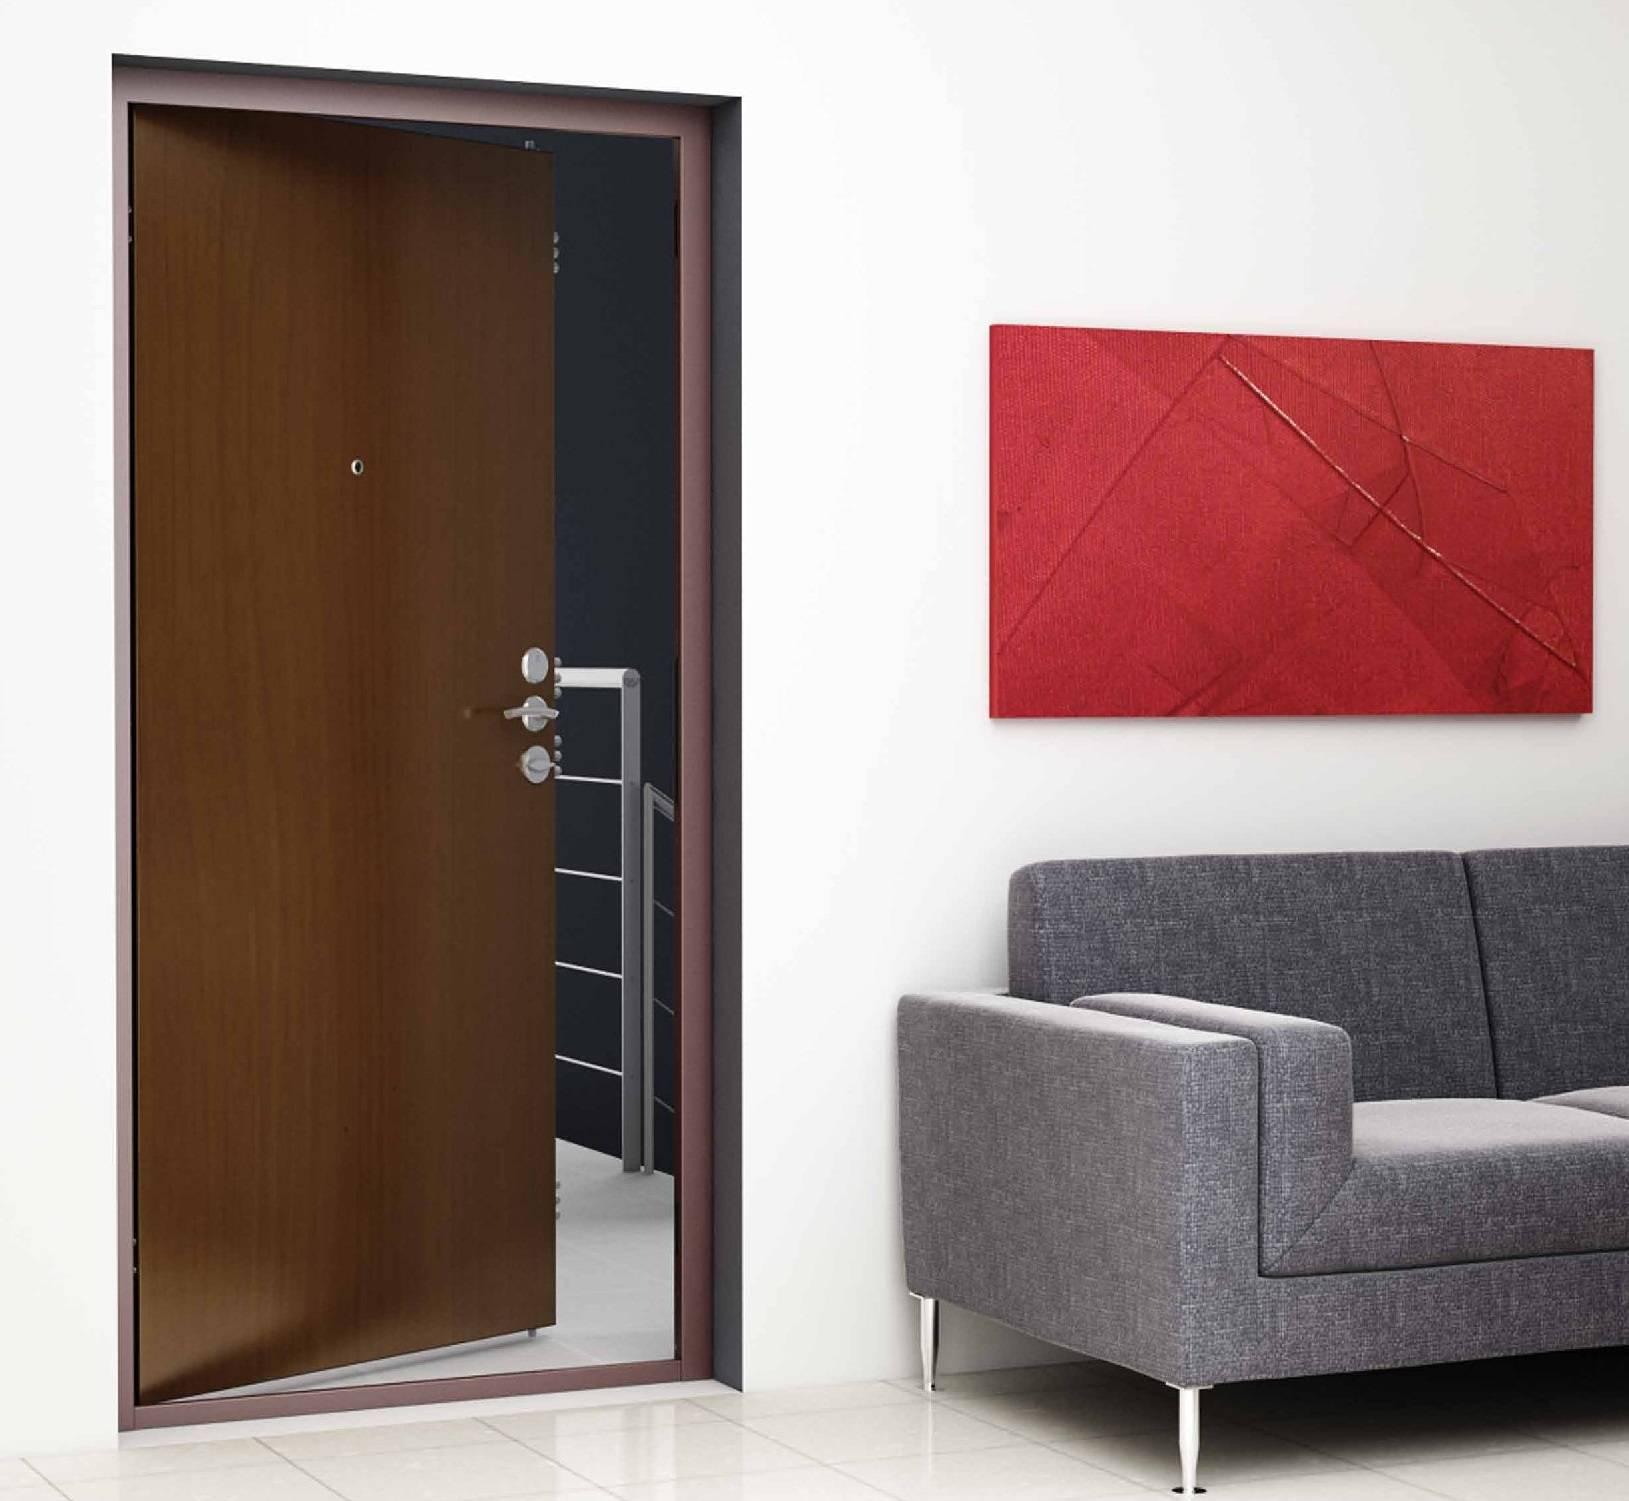 Двери doorhan: входные противопожарные двери, раздвижные и откатные стальные изделия, варианты с вентиляционной решеткой, отзывы